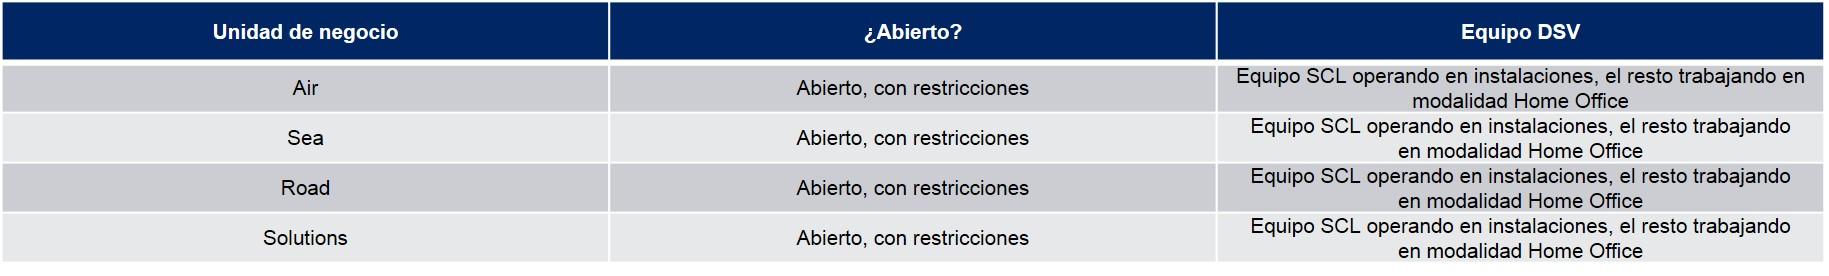 Tabla Operaciones Chile COVID-19 03-04-20